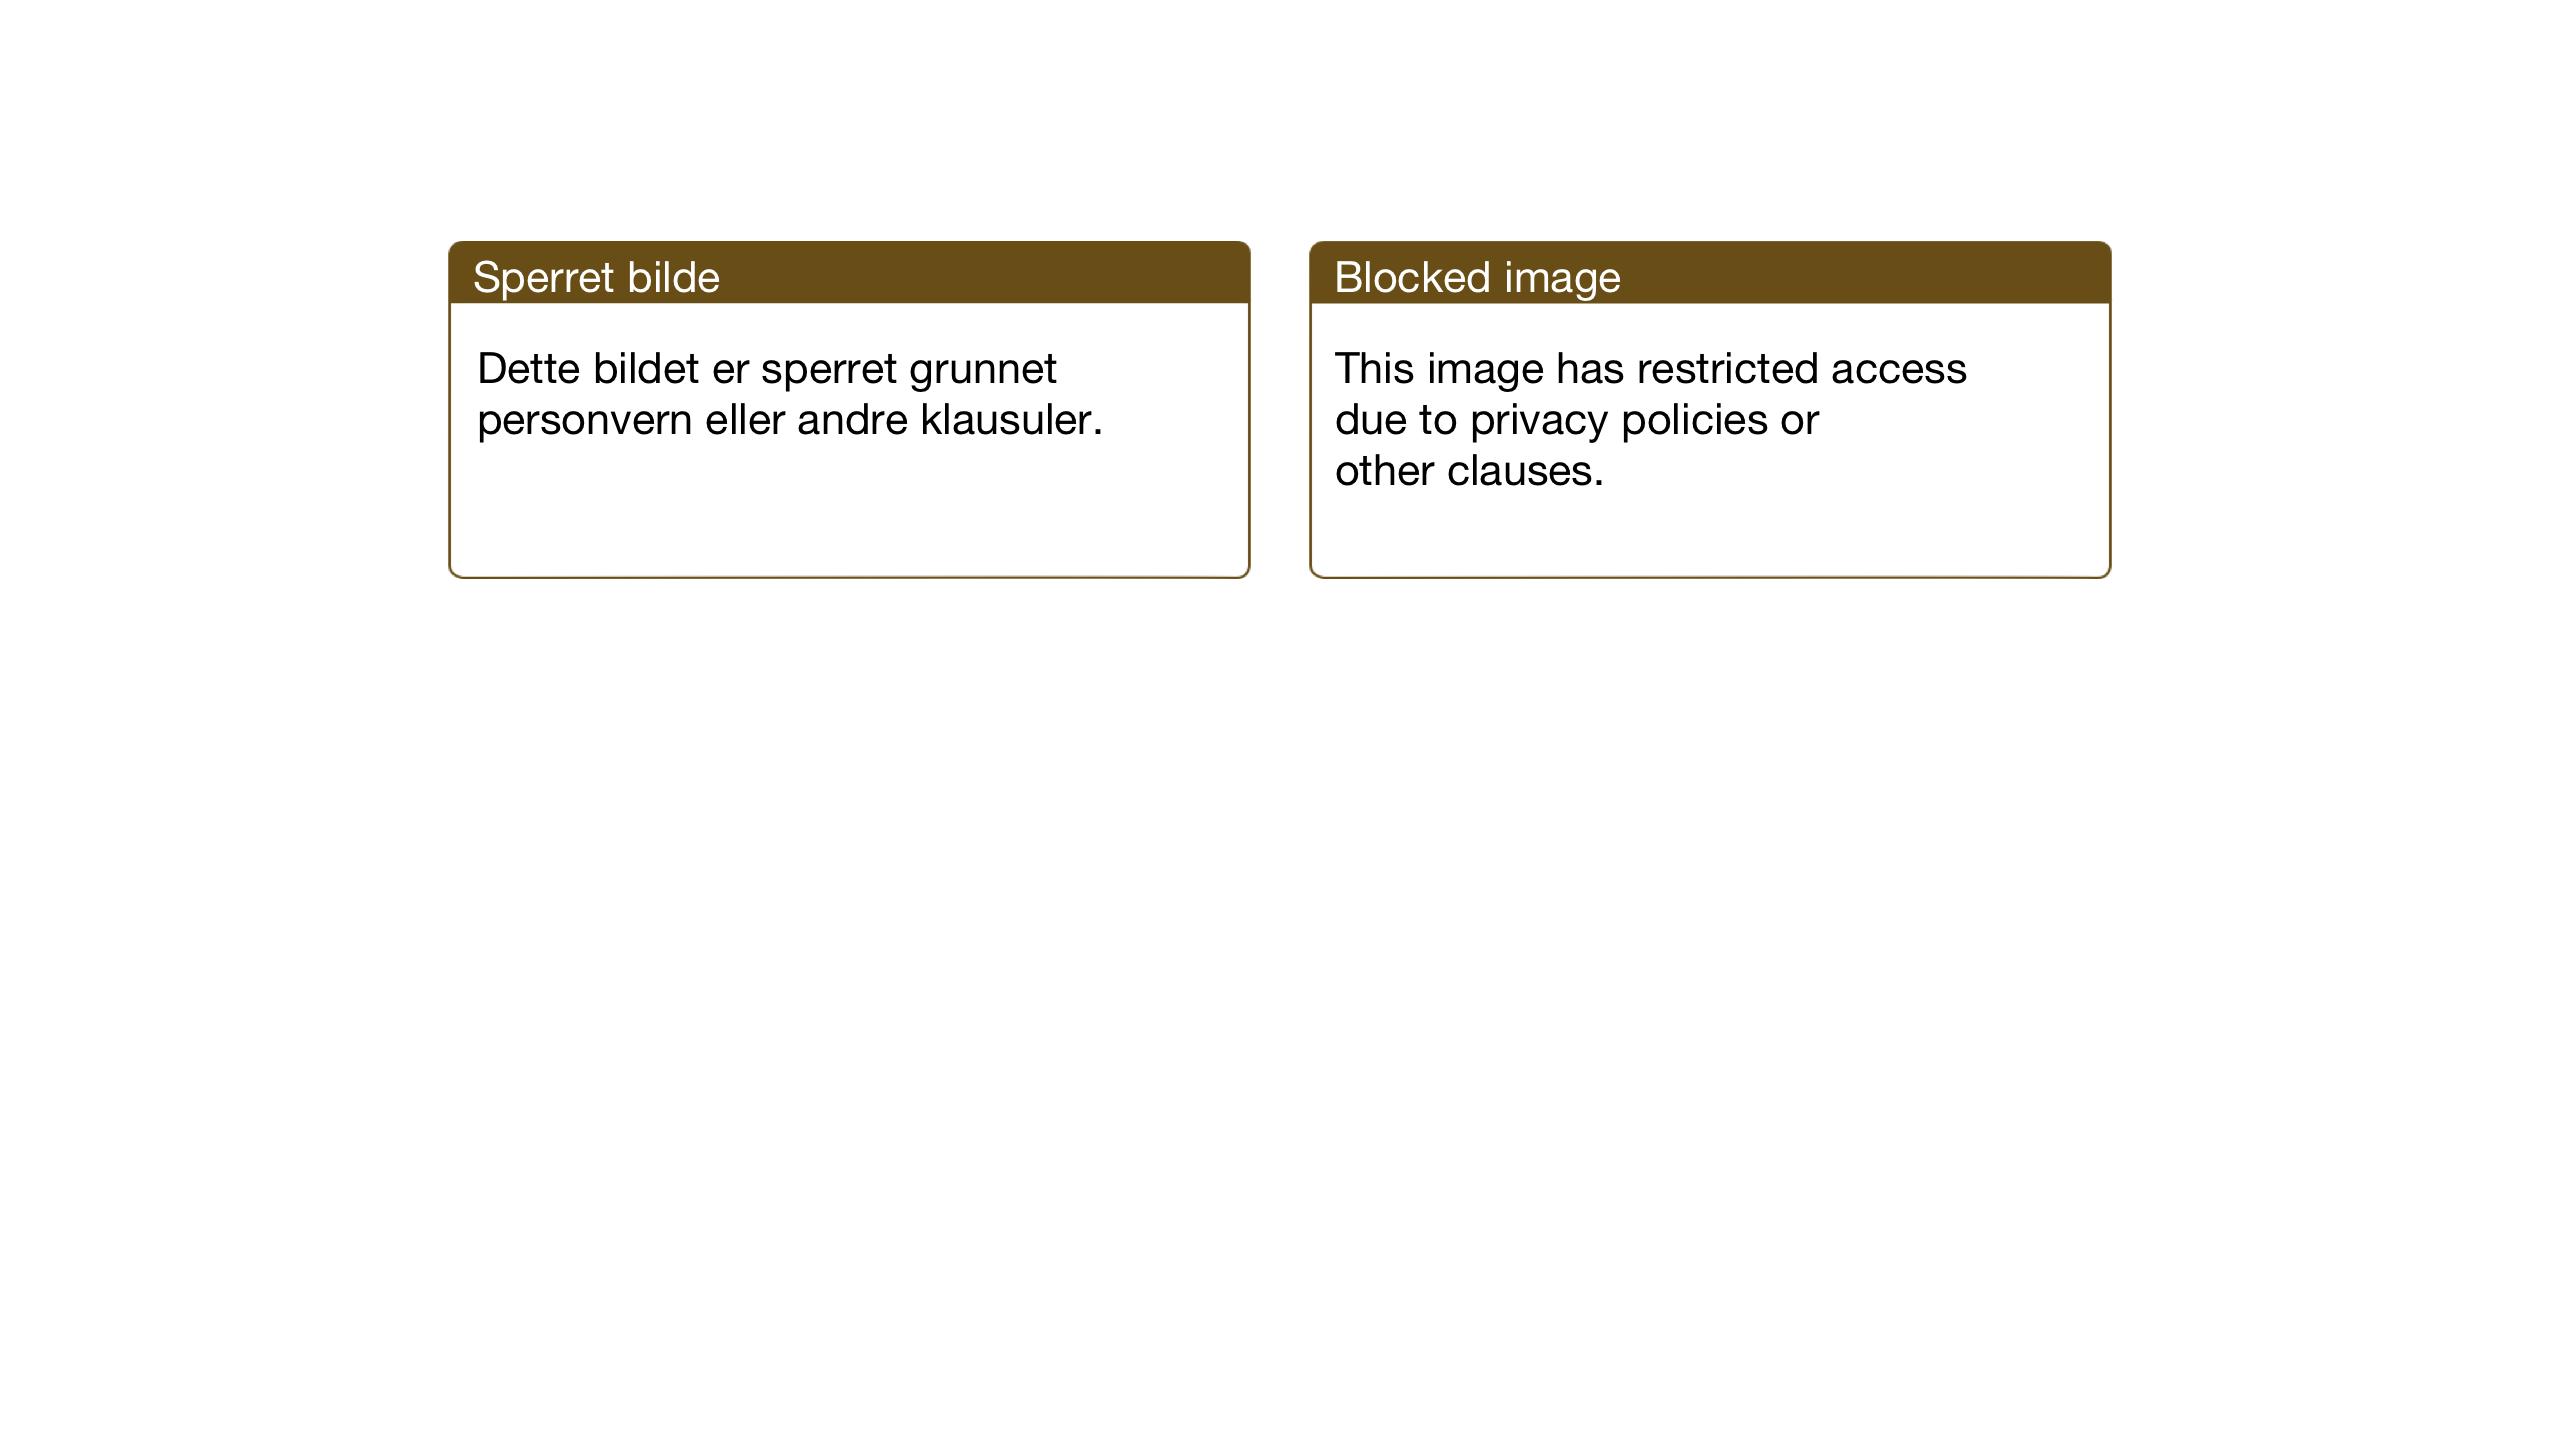 SAT, Ministerialprotokoller, klokkerbøker og fødselsregistre - Nord-Trøndelag, 714/L0136: Klokkerbok nr. 714C05, 1918-1957, s. 38